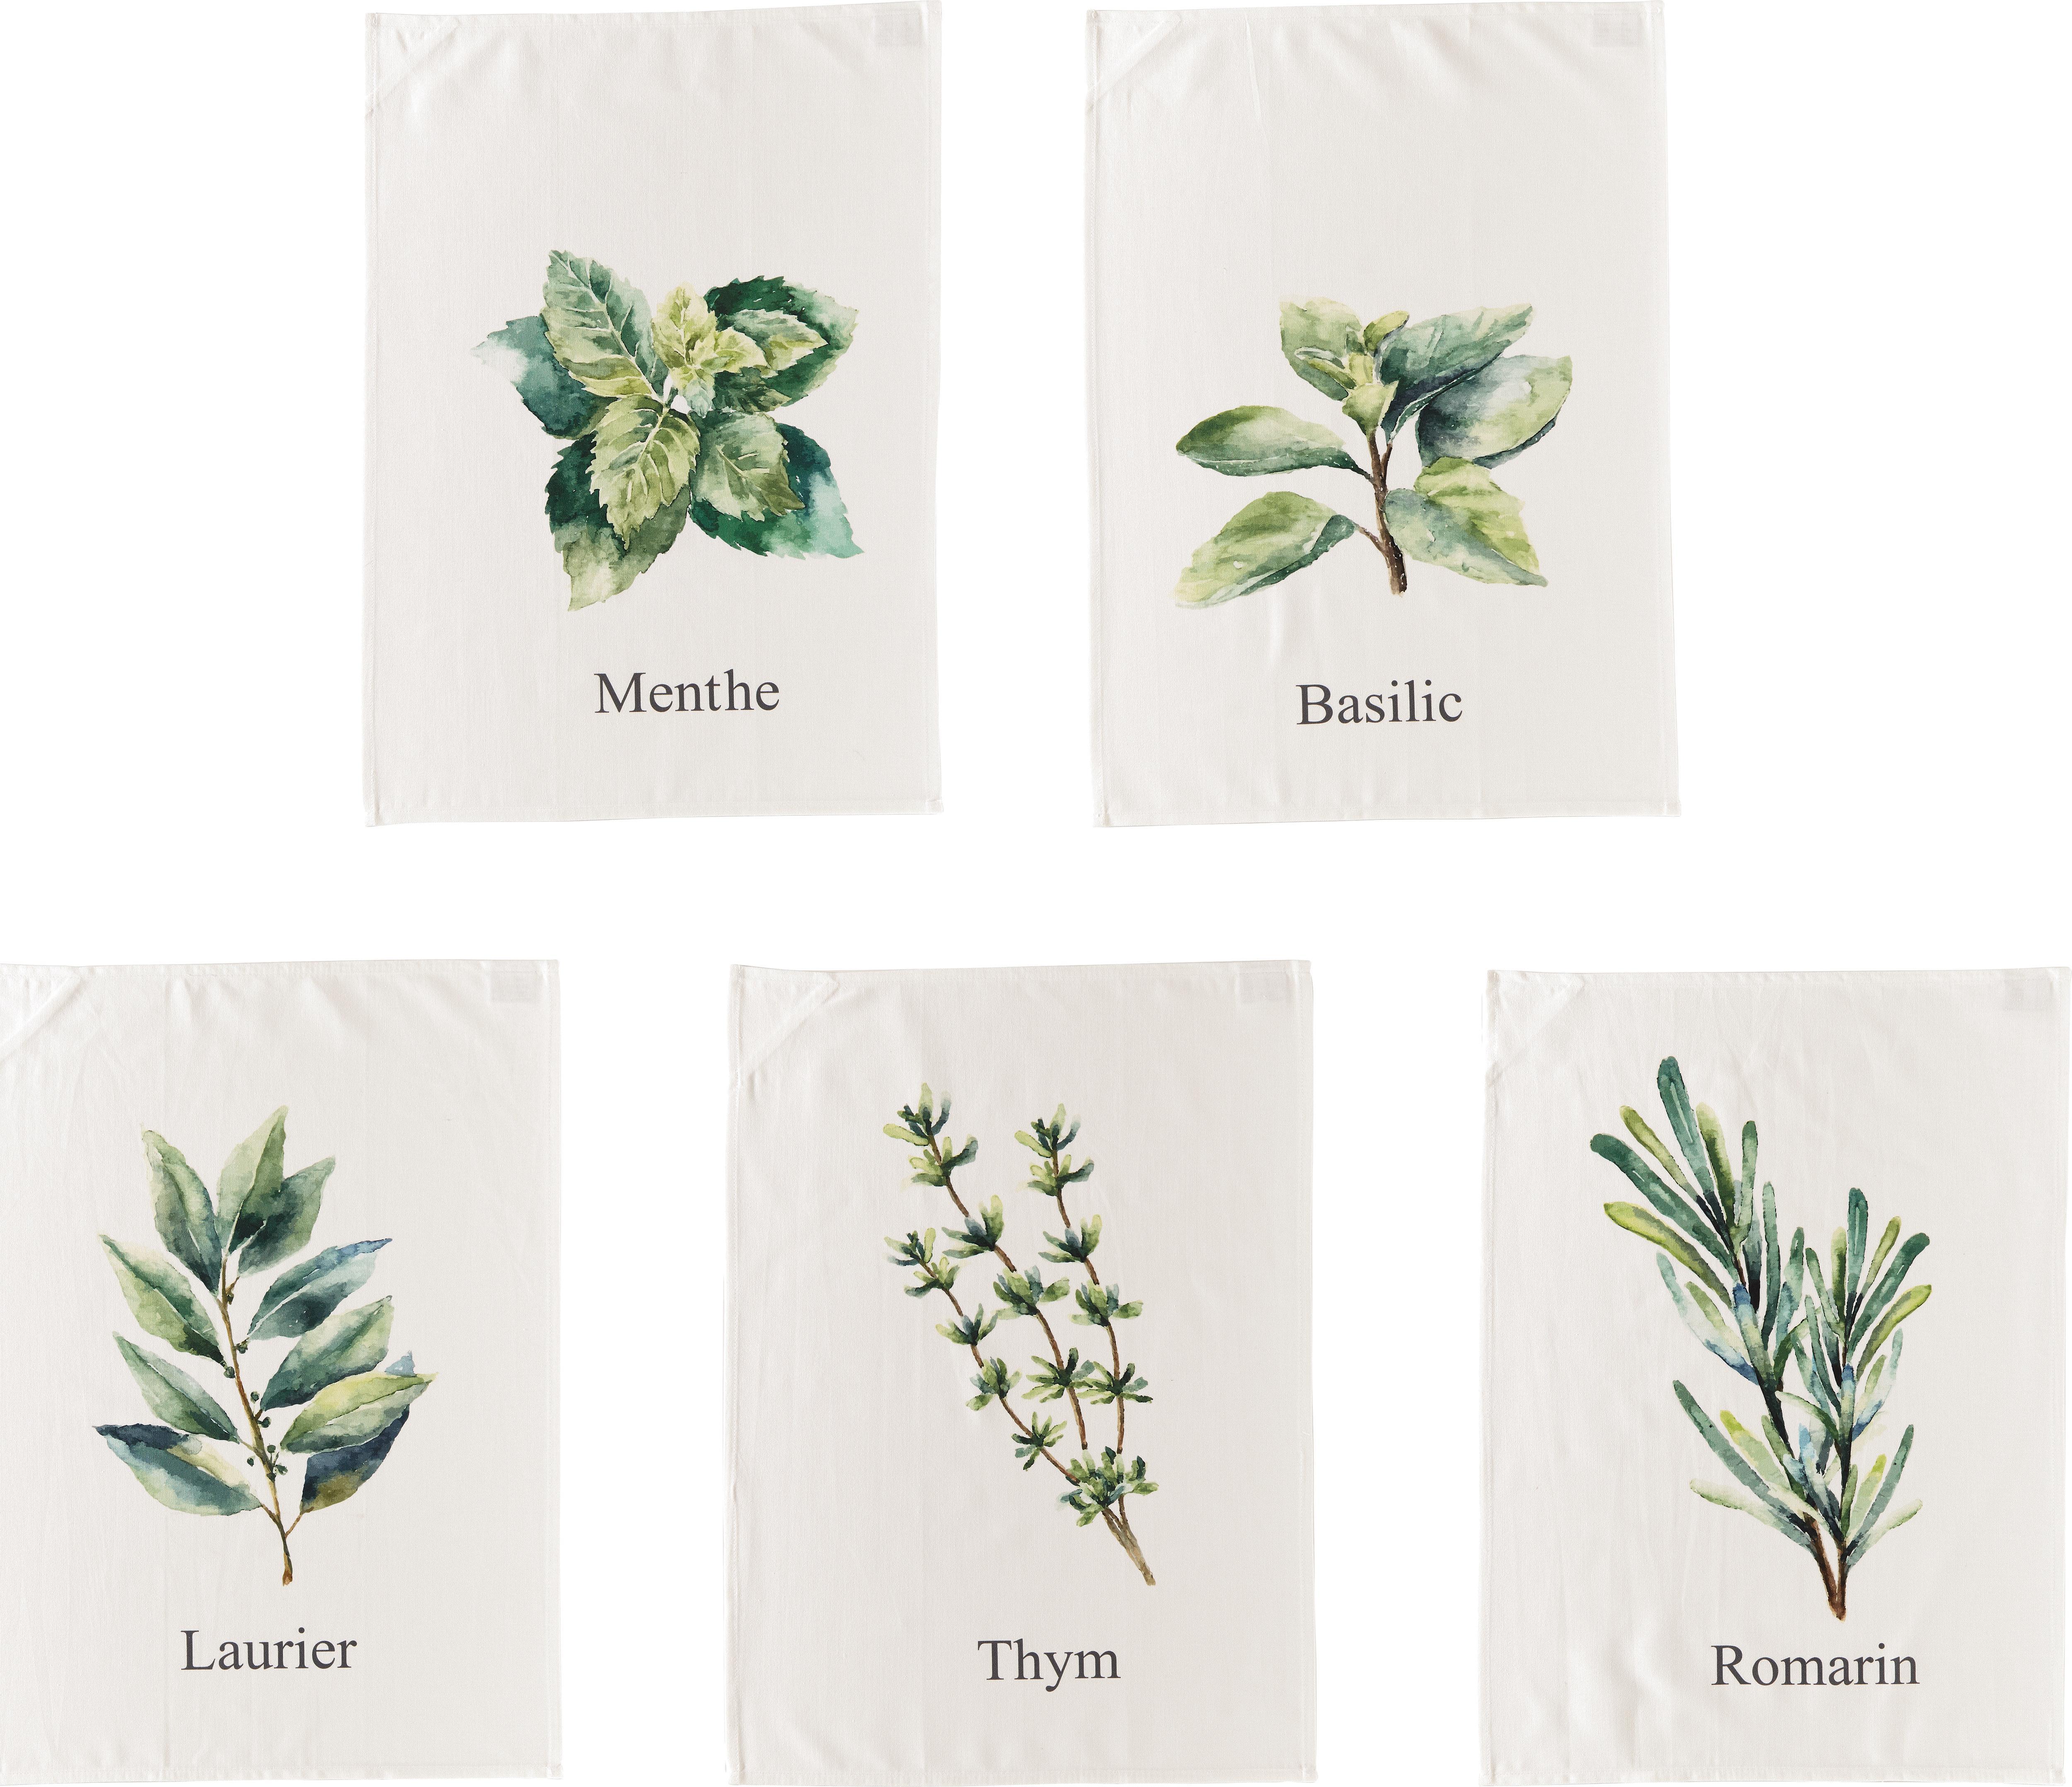 Geschirrtücher-Set Aroma mit Gewürz-Motiven, 5-tlg., Baumwolle, Gebrochenes Weiss, Grüntöne, 50 x 70 cm